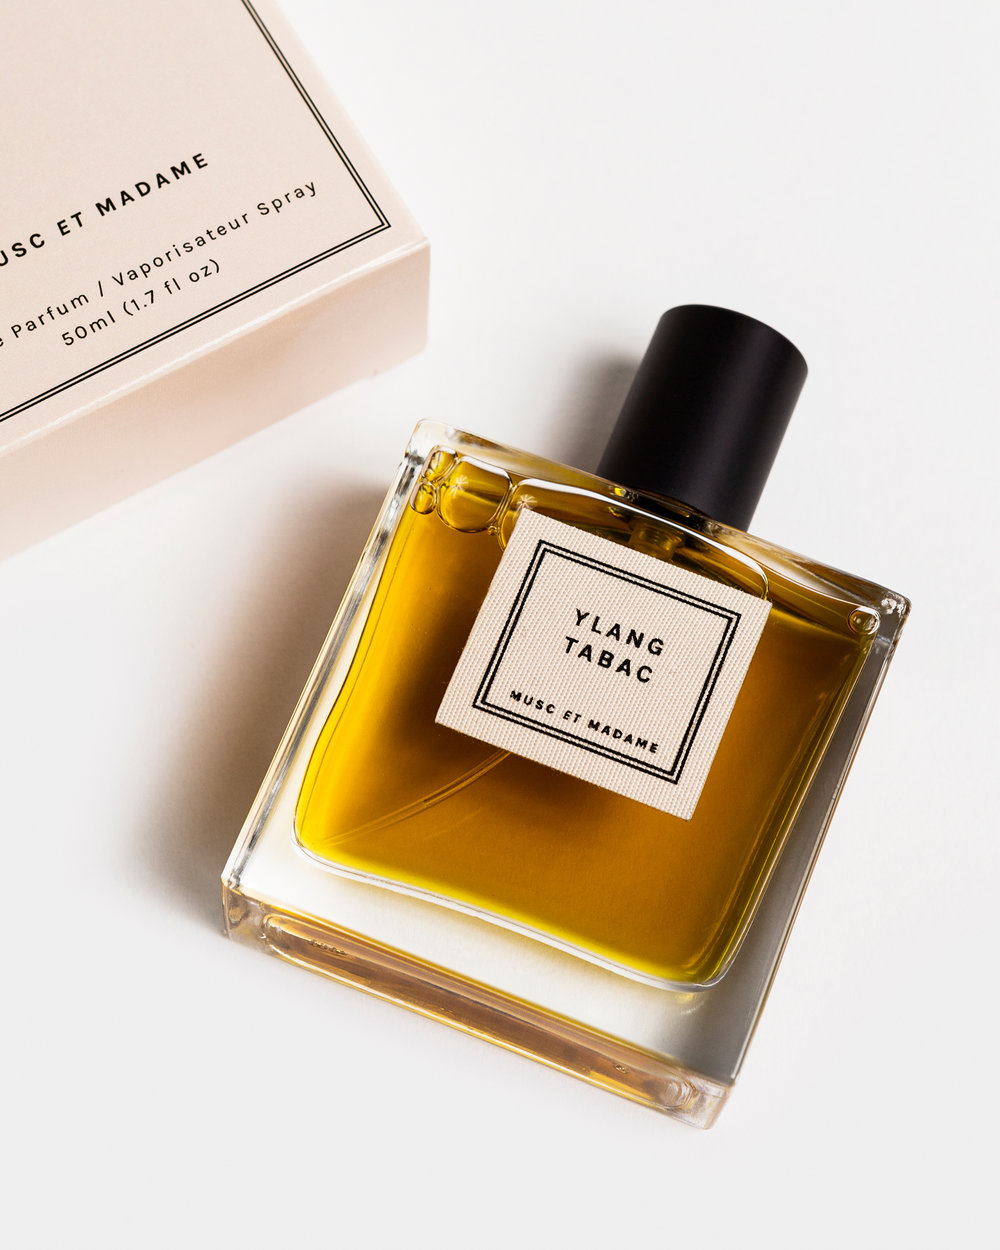 Musc et Madame 'Ylang Tabac' eau de parfum,  $110 (via Orris)